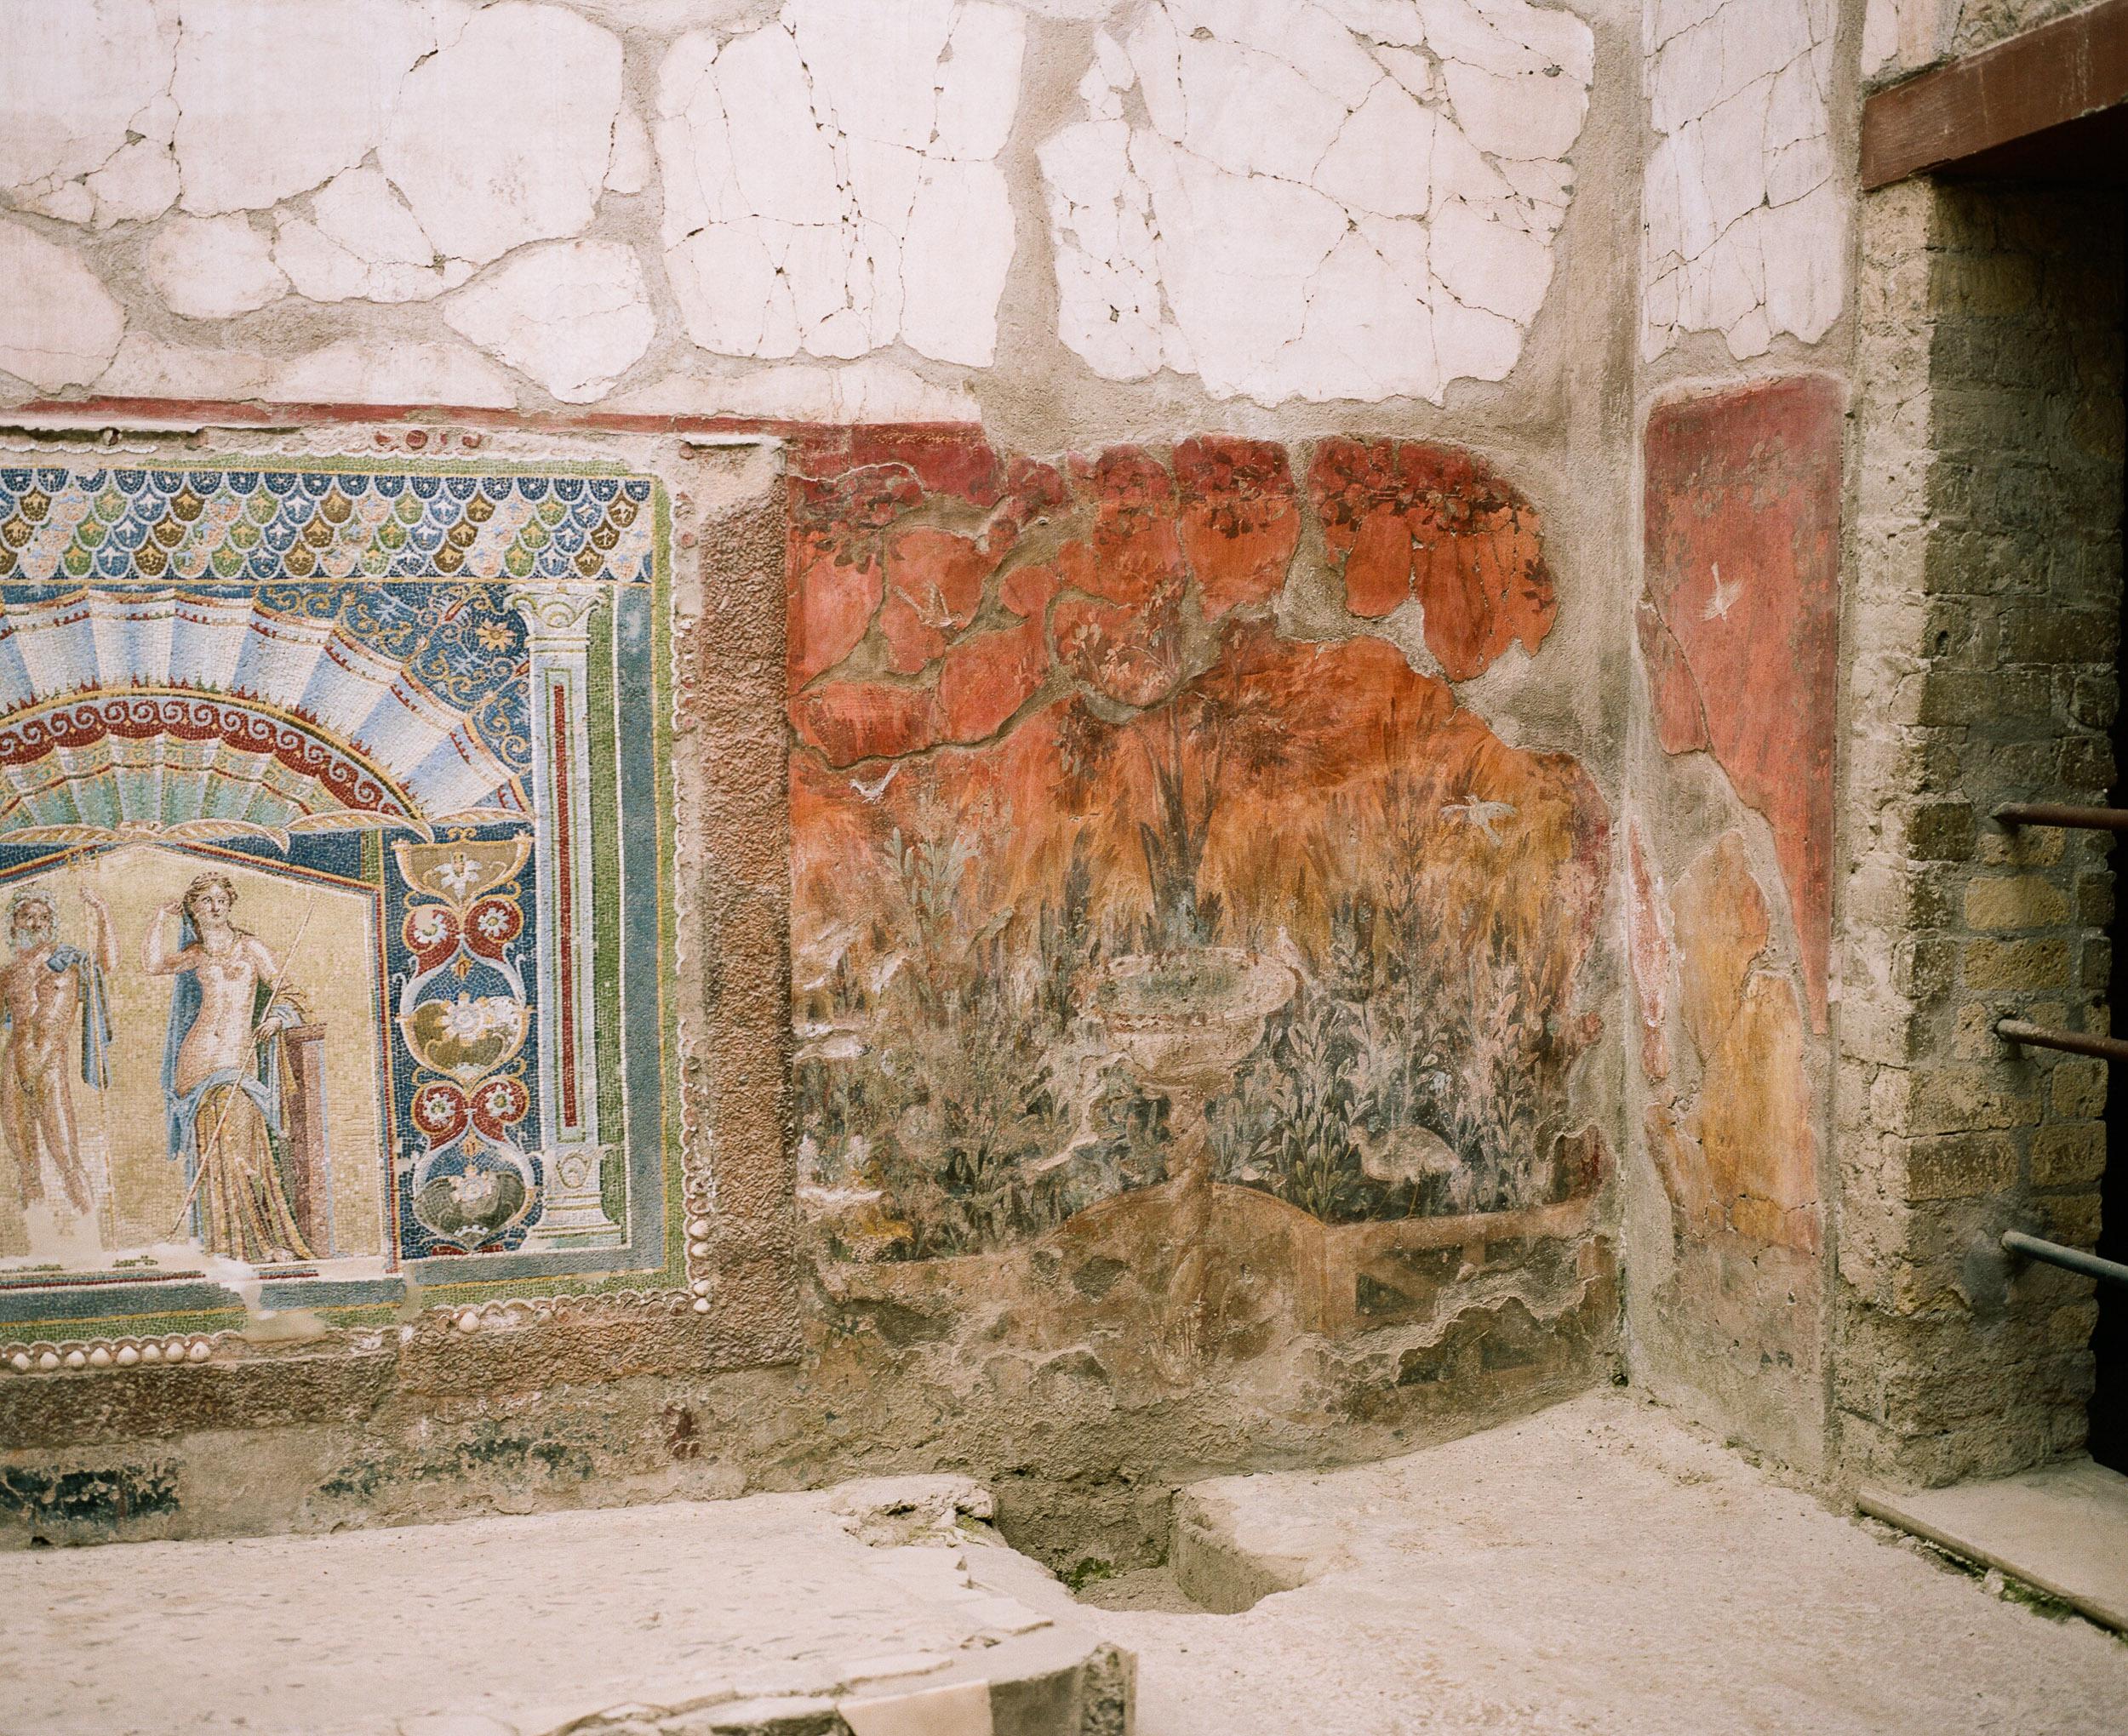 Herculeum mural